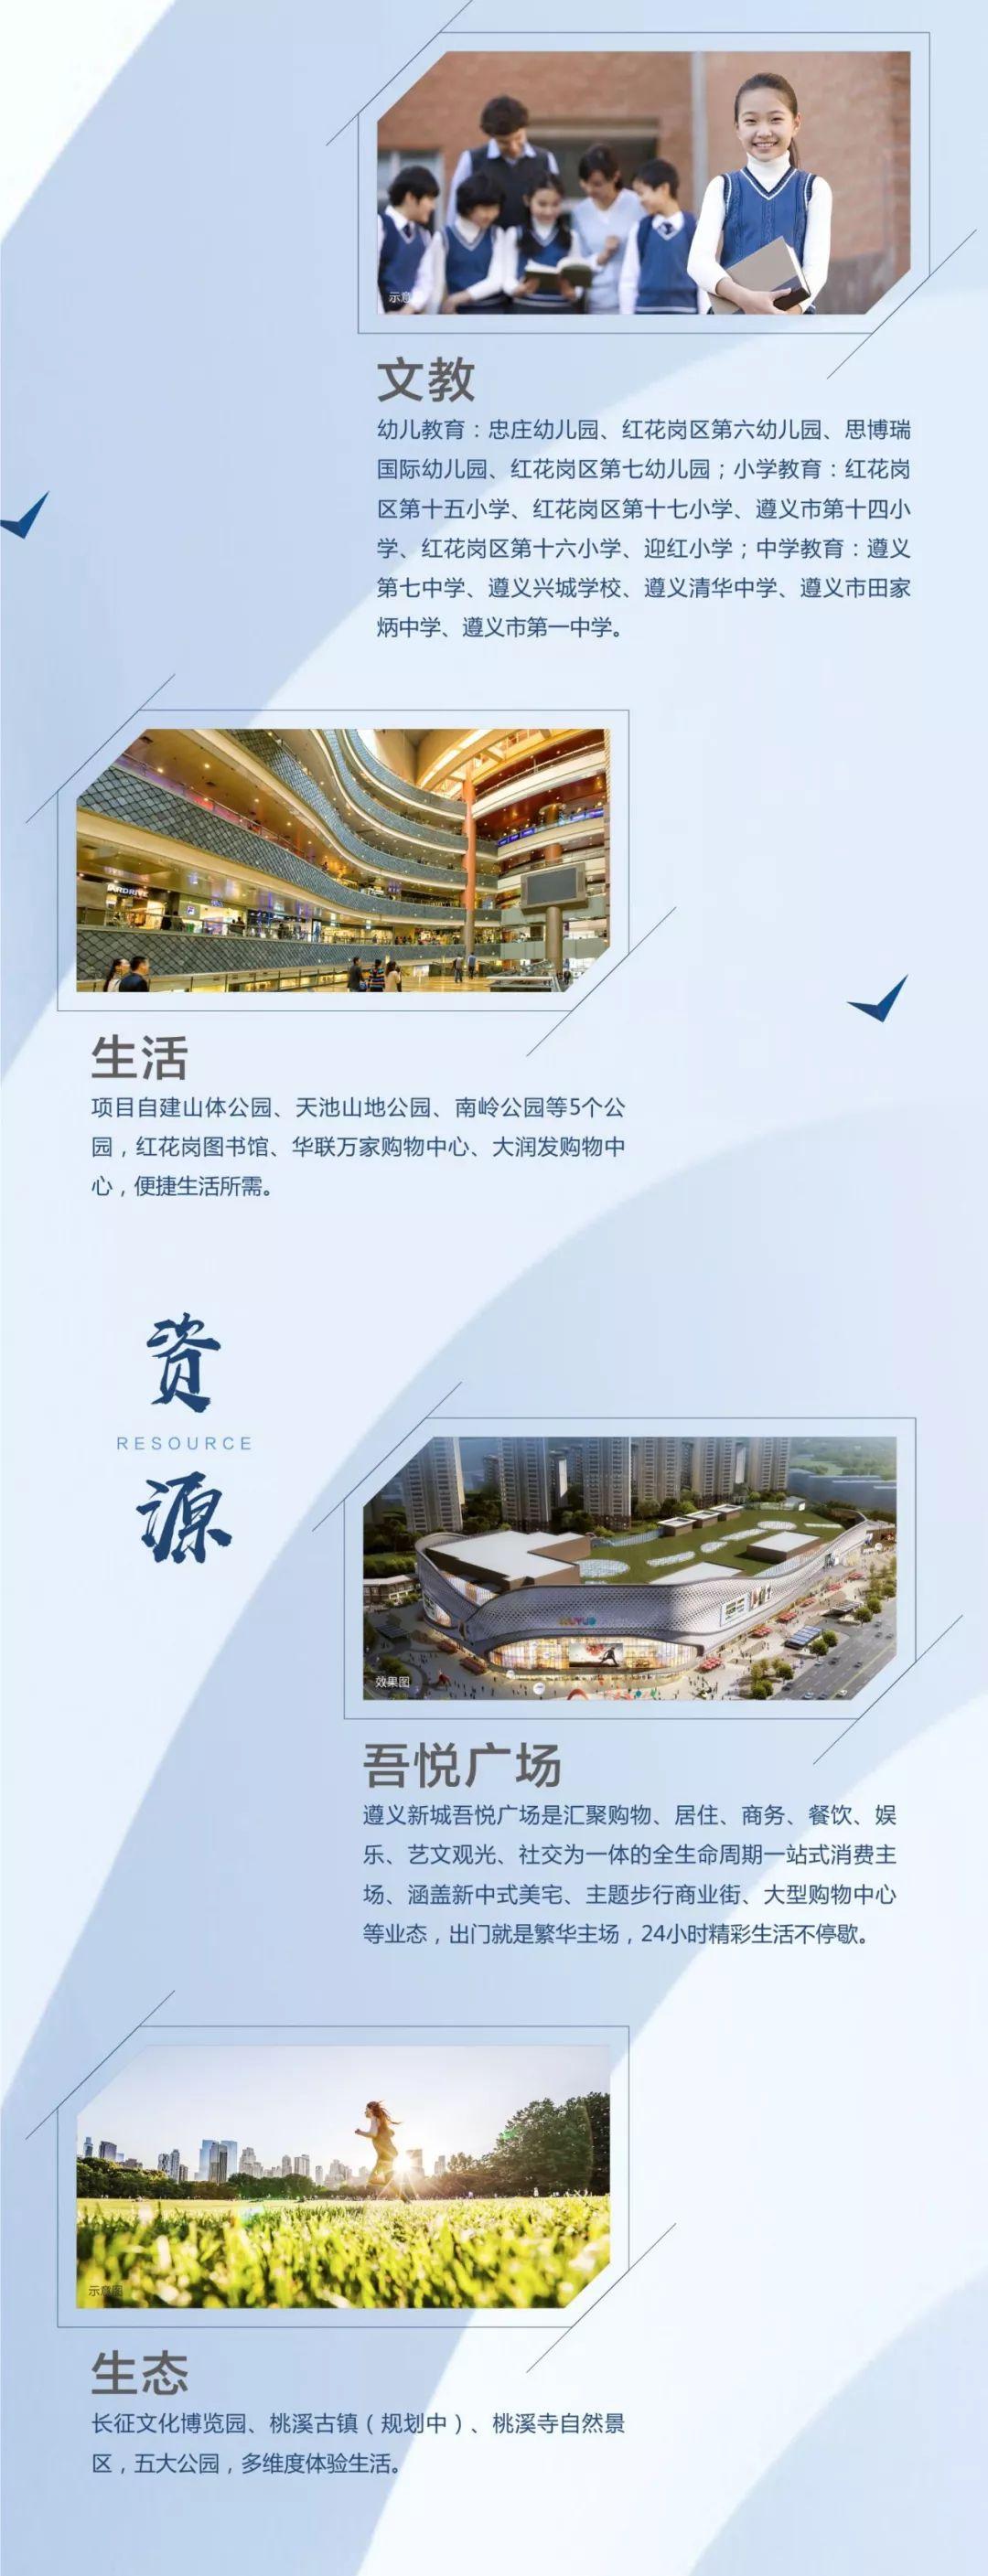 遵义新城吾悦广场 吾悦耀遵义 定义新中心-中国网地产